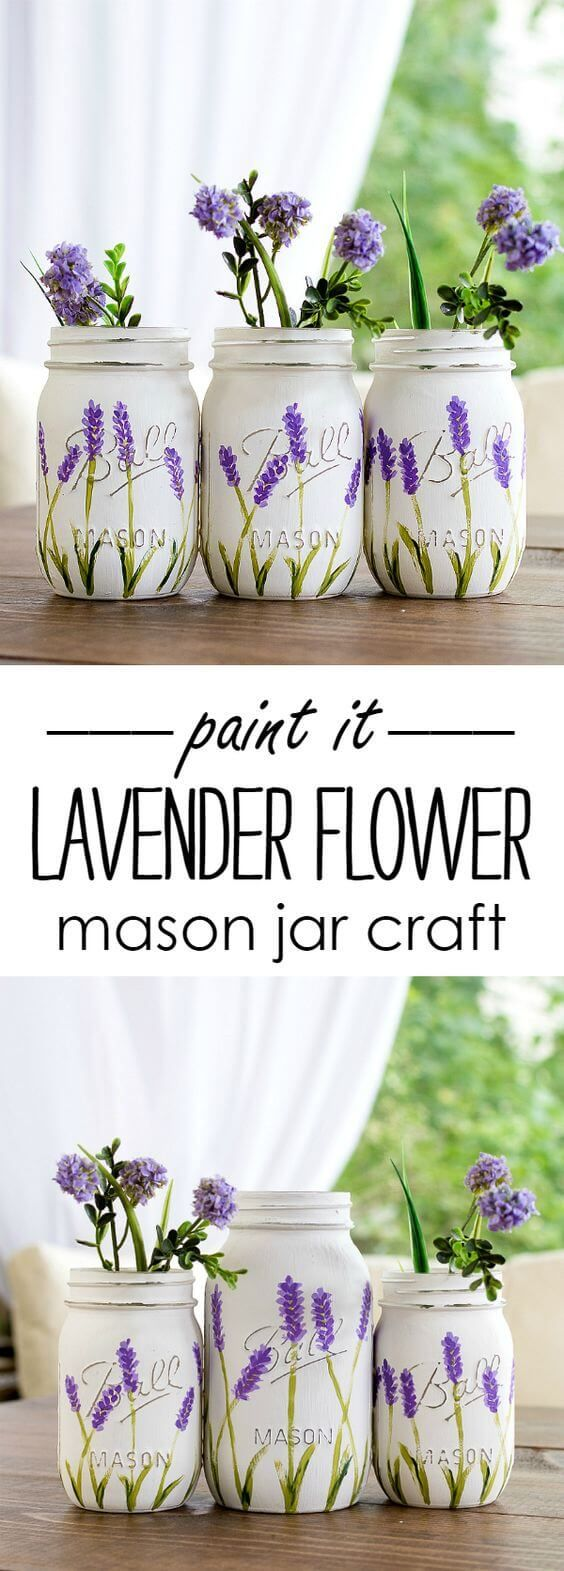 Lavender Flower Painted Mason Jars